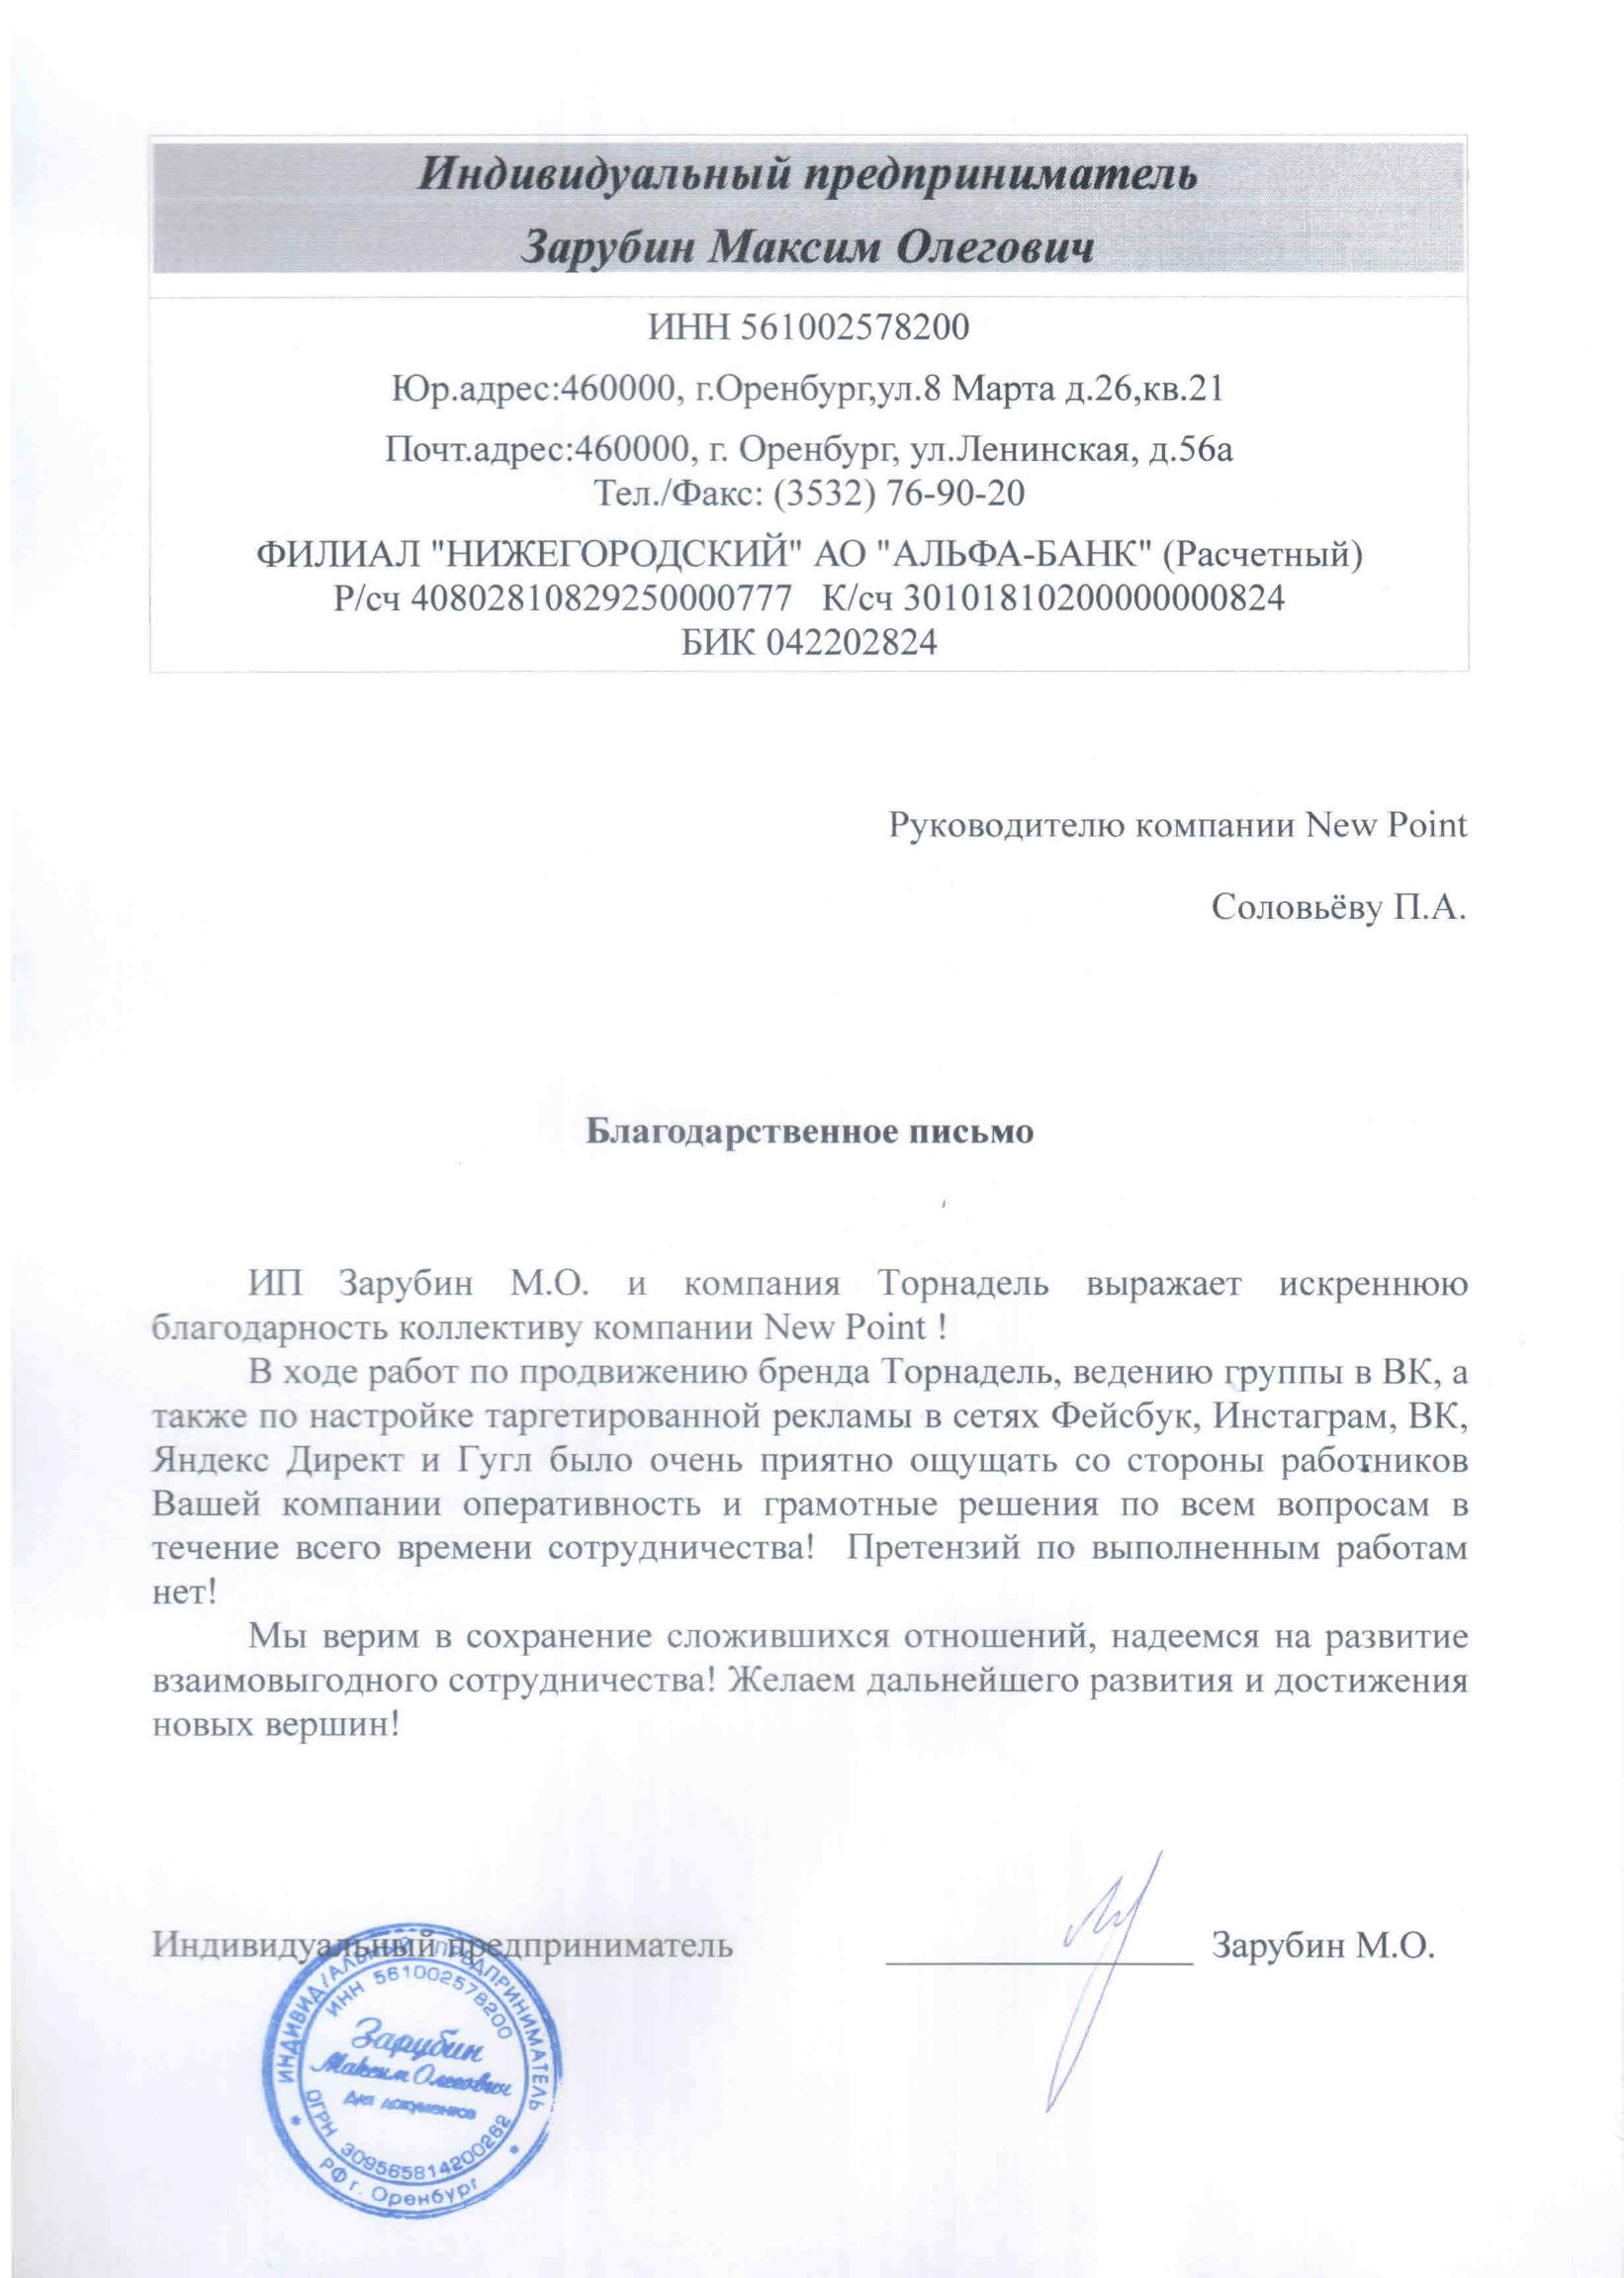 Благодарственное письмо руководителя компании Торнадель Зарубина Максима Олеговича